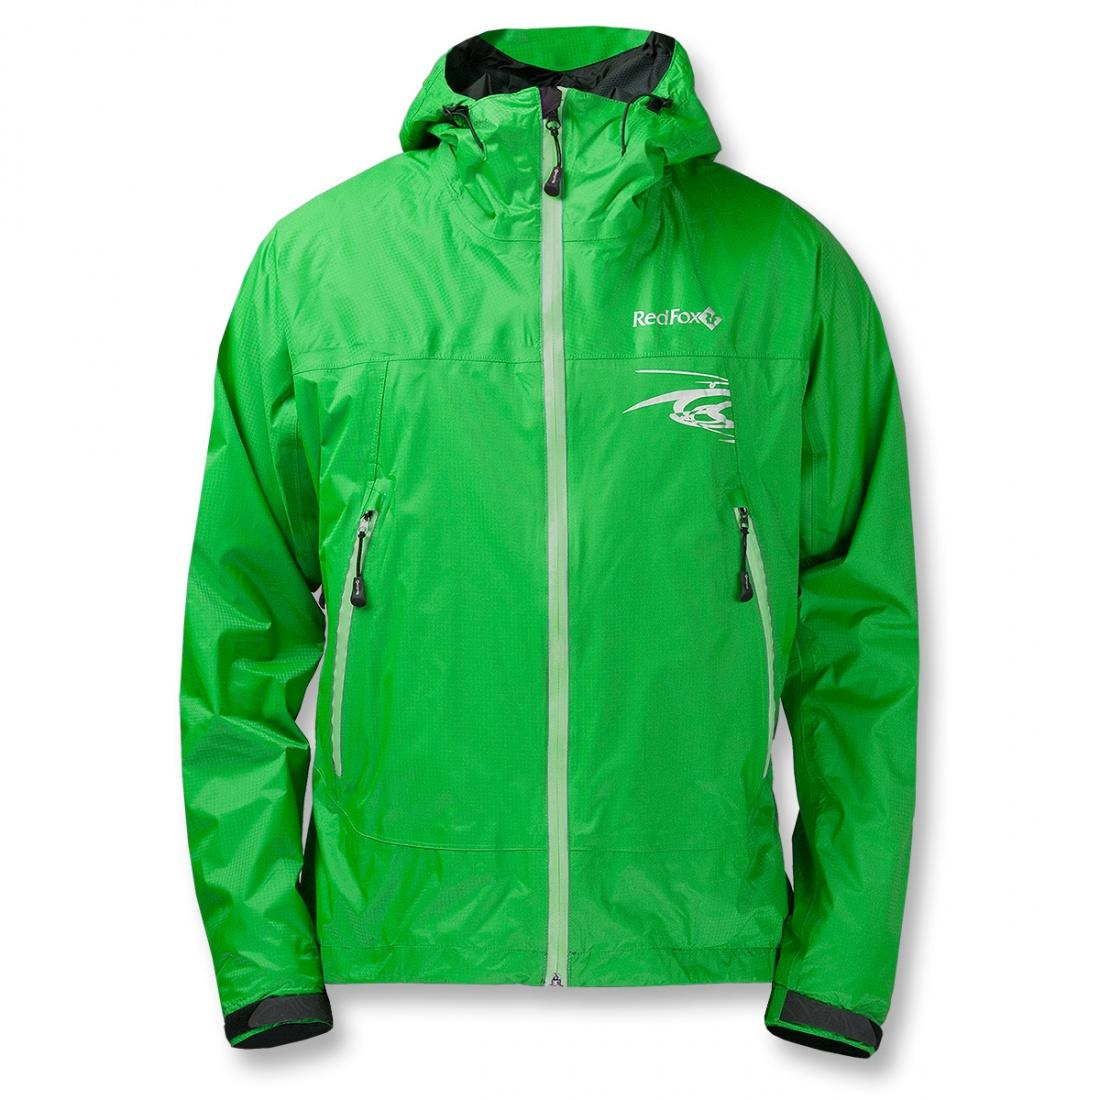 Куртка ветрозащитная Trek IIКуртки<br><br><br> Легкая влаго-ветрозащитная куртка для использованияв ветреную или...<br><br>Цвет: Зеленый<br>Размер: 52